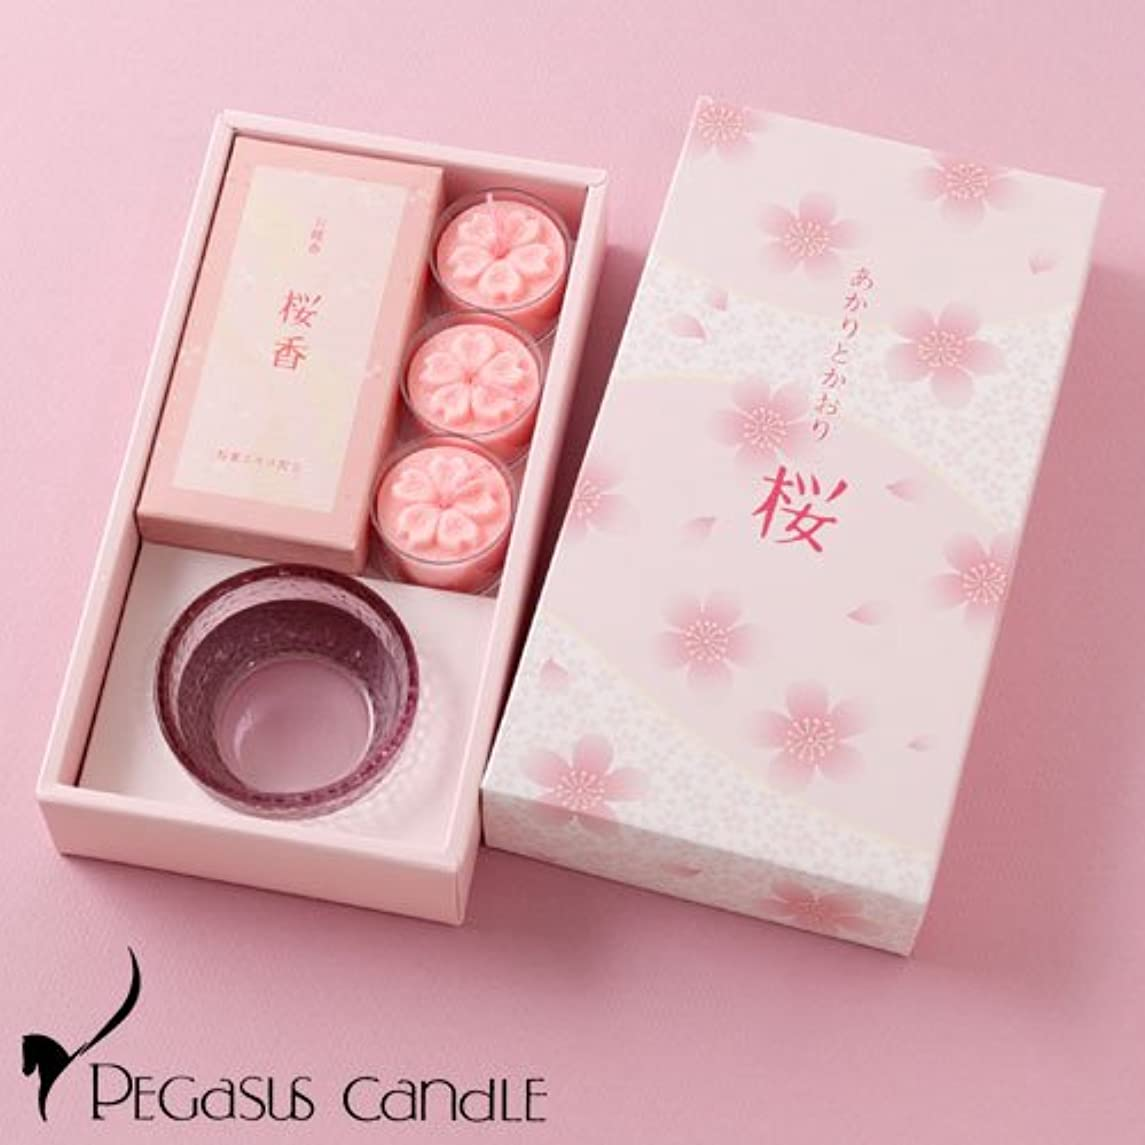 バレエ提案アドバンテージあかりとかおり桜キャンドルと線香のセットペガサスキャンドルCandle and incense set